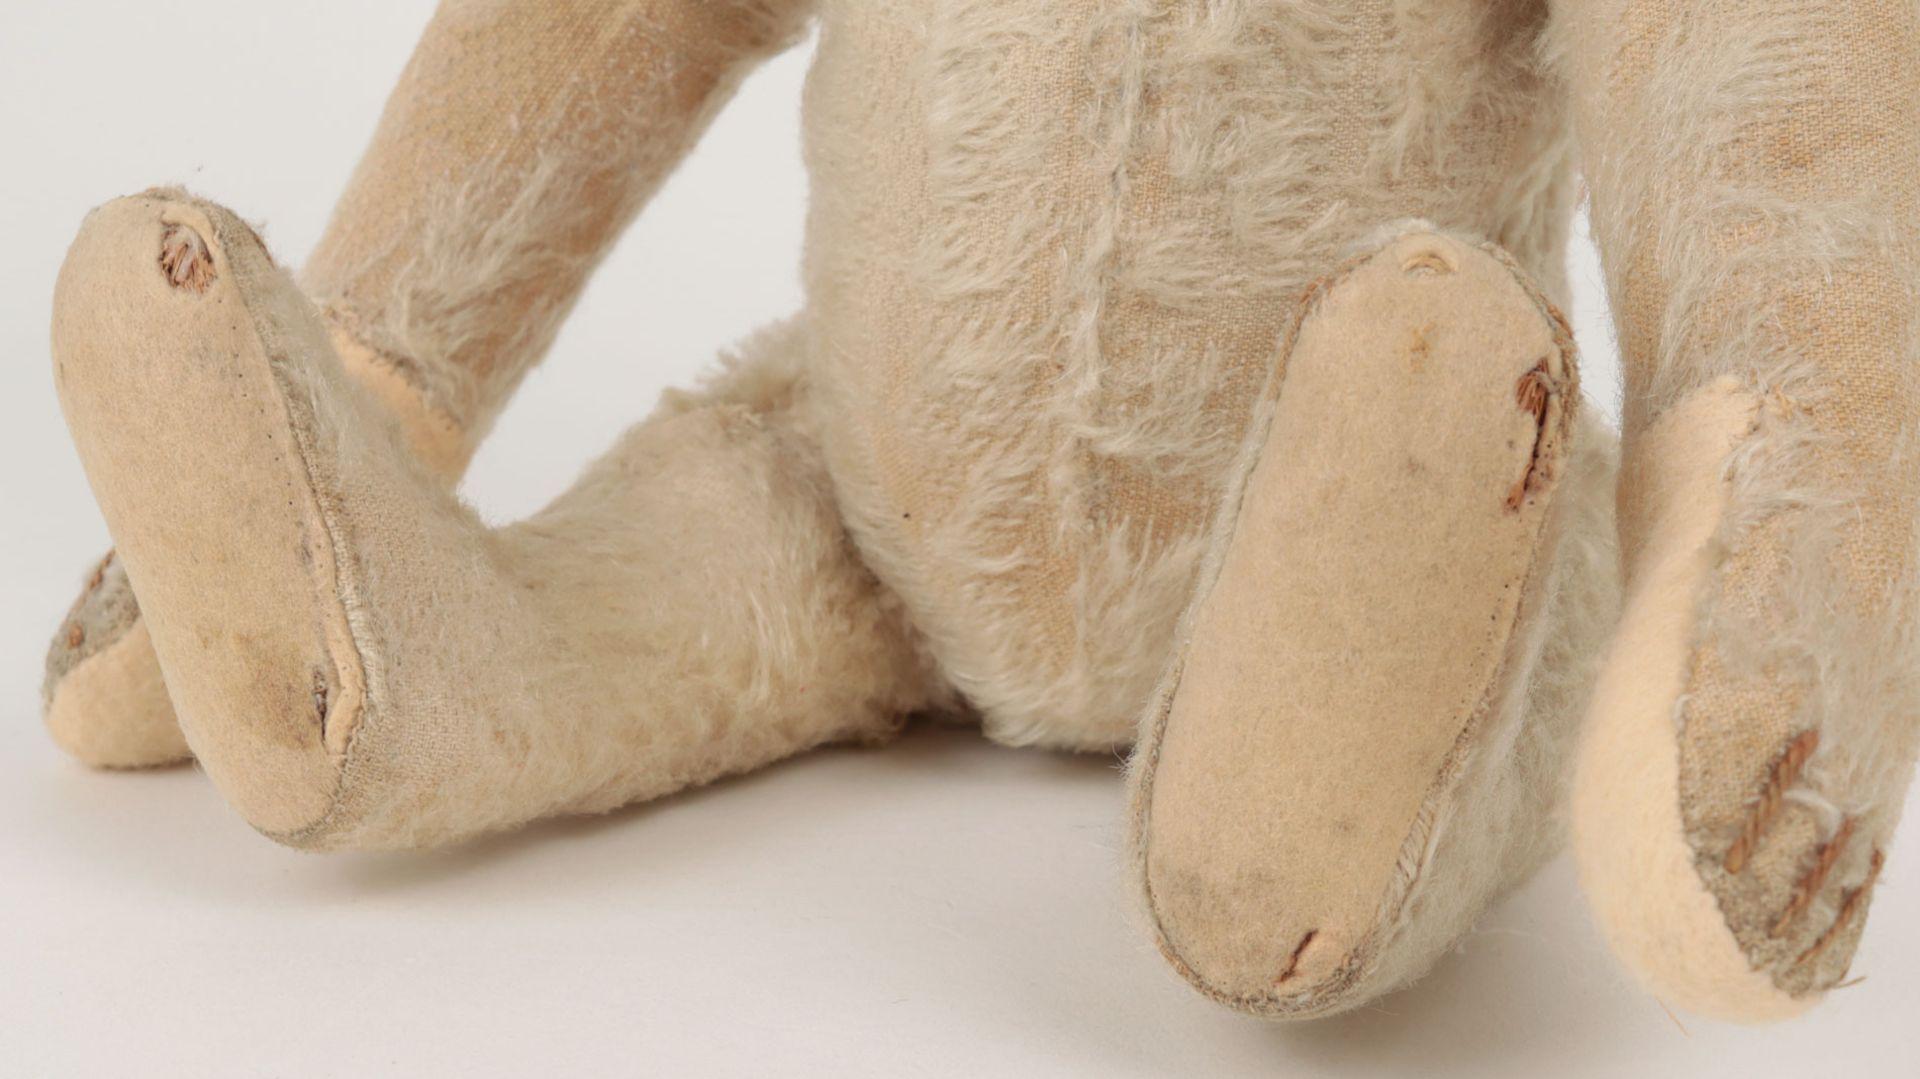 Steiff – Teddybär um 1930, Knopf im Ohr (mit heruntergezogenem 'f'), heller Mohairb - Image 3 of 7